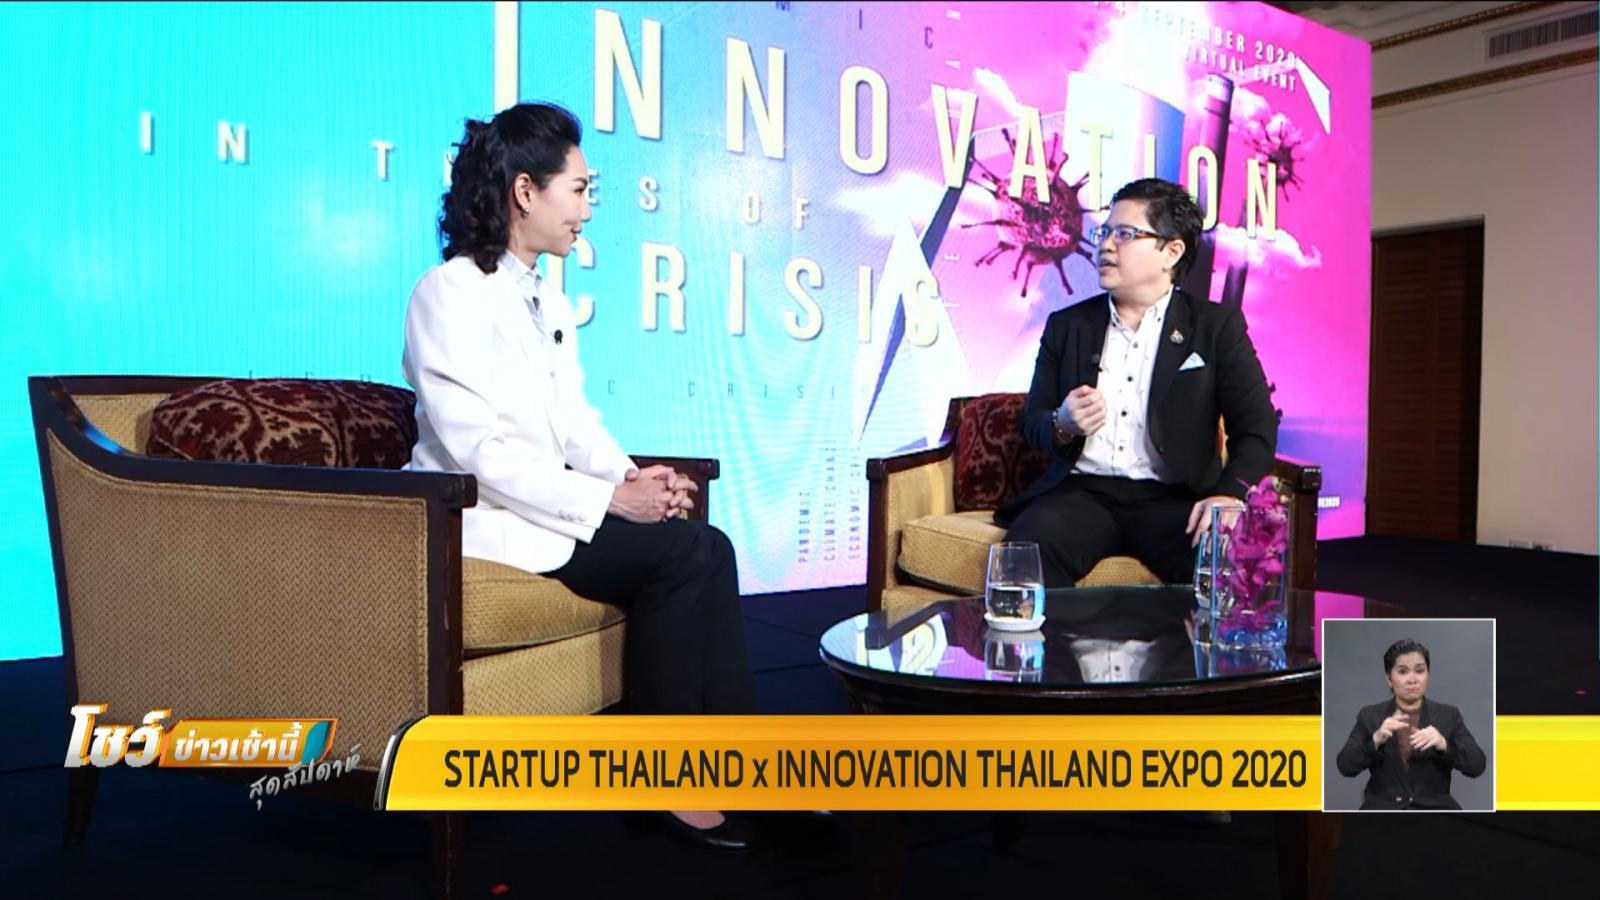 ธุรกิจคิดนอกกรอบ : STARTUP THAILAND x INNOVATION THAILAND EXPO 2020